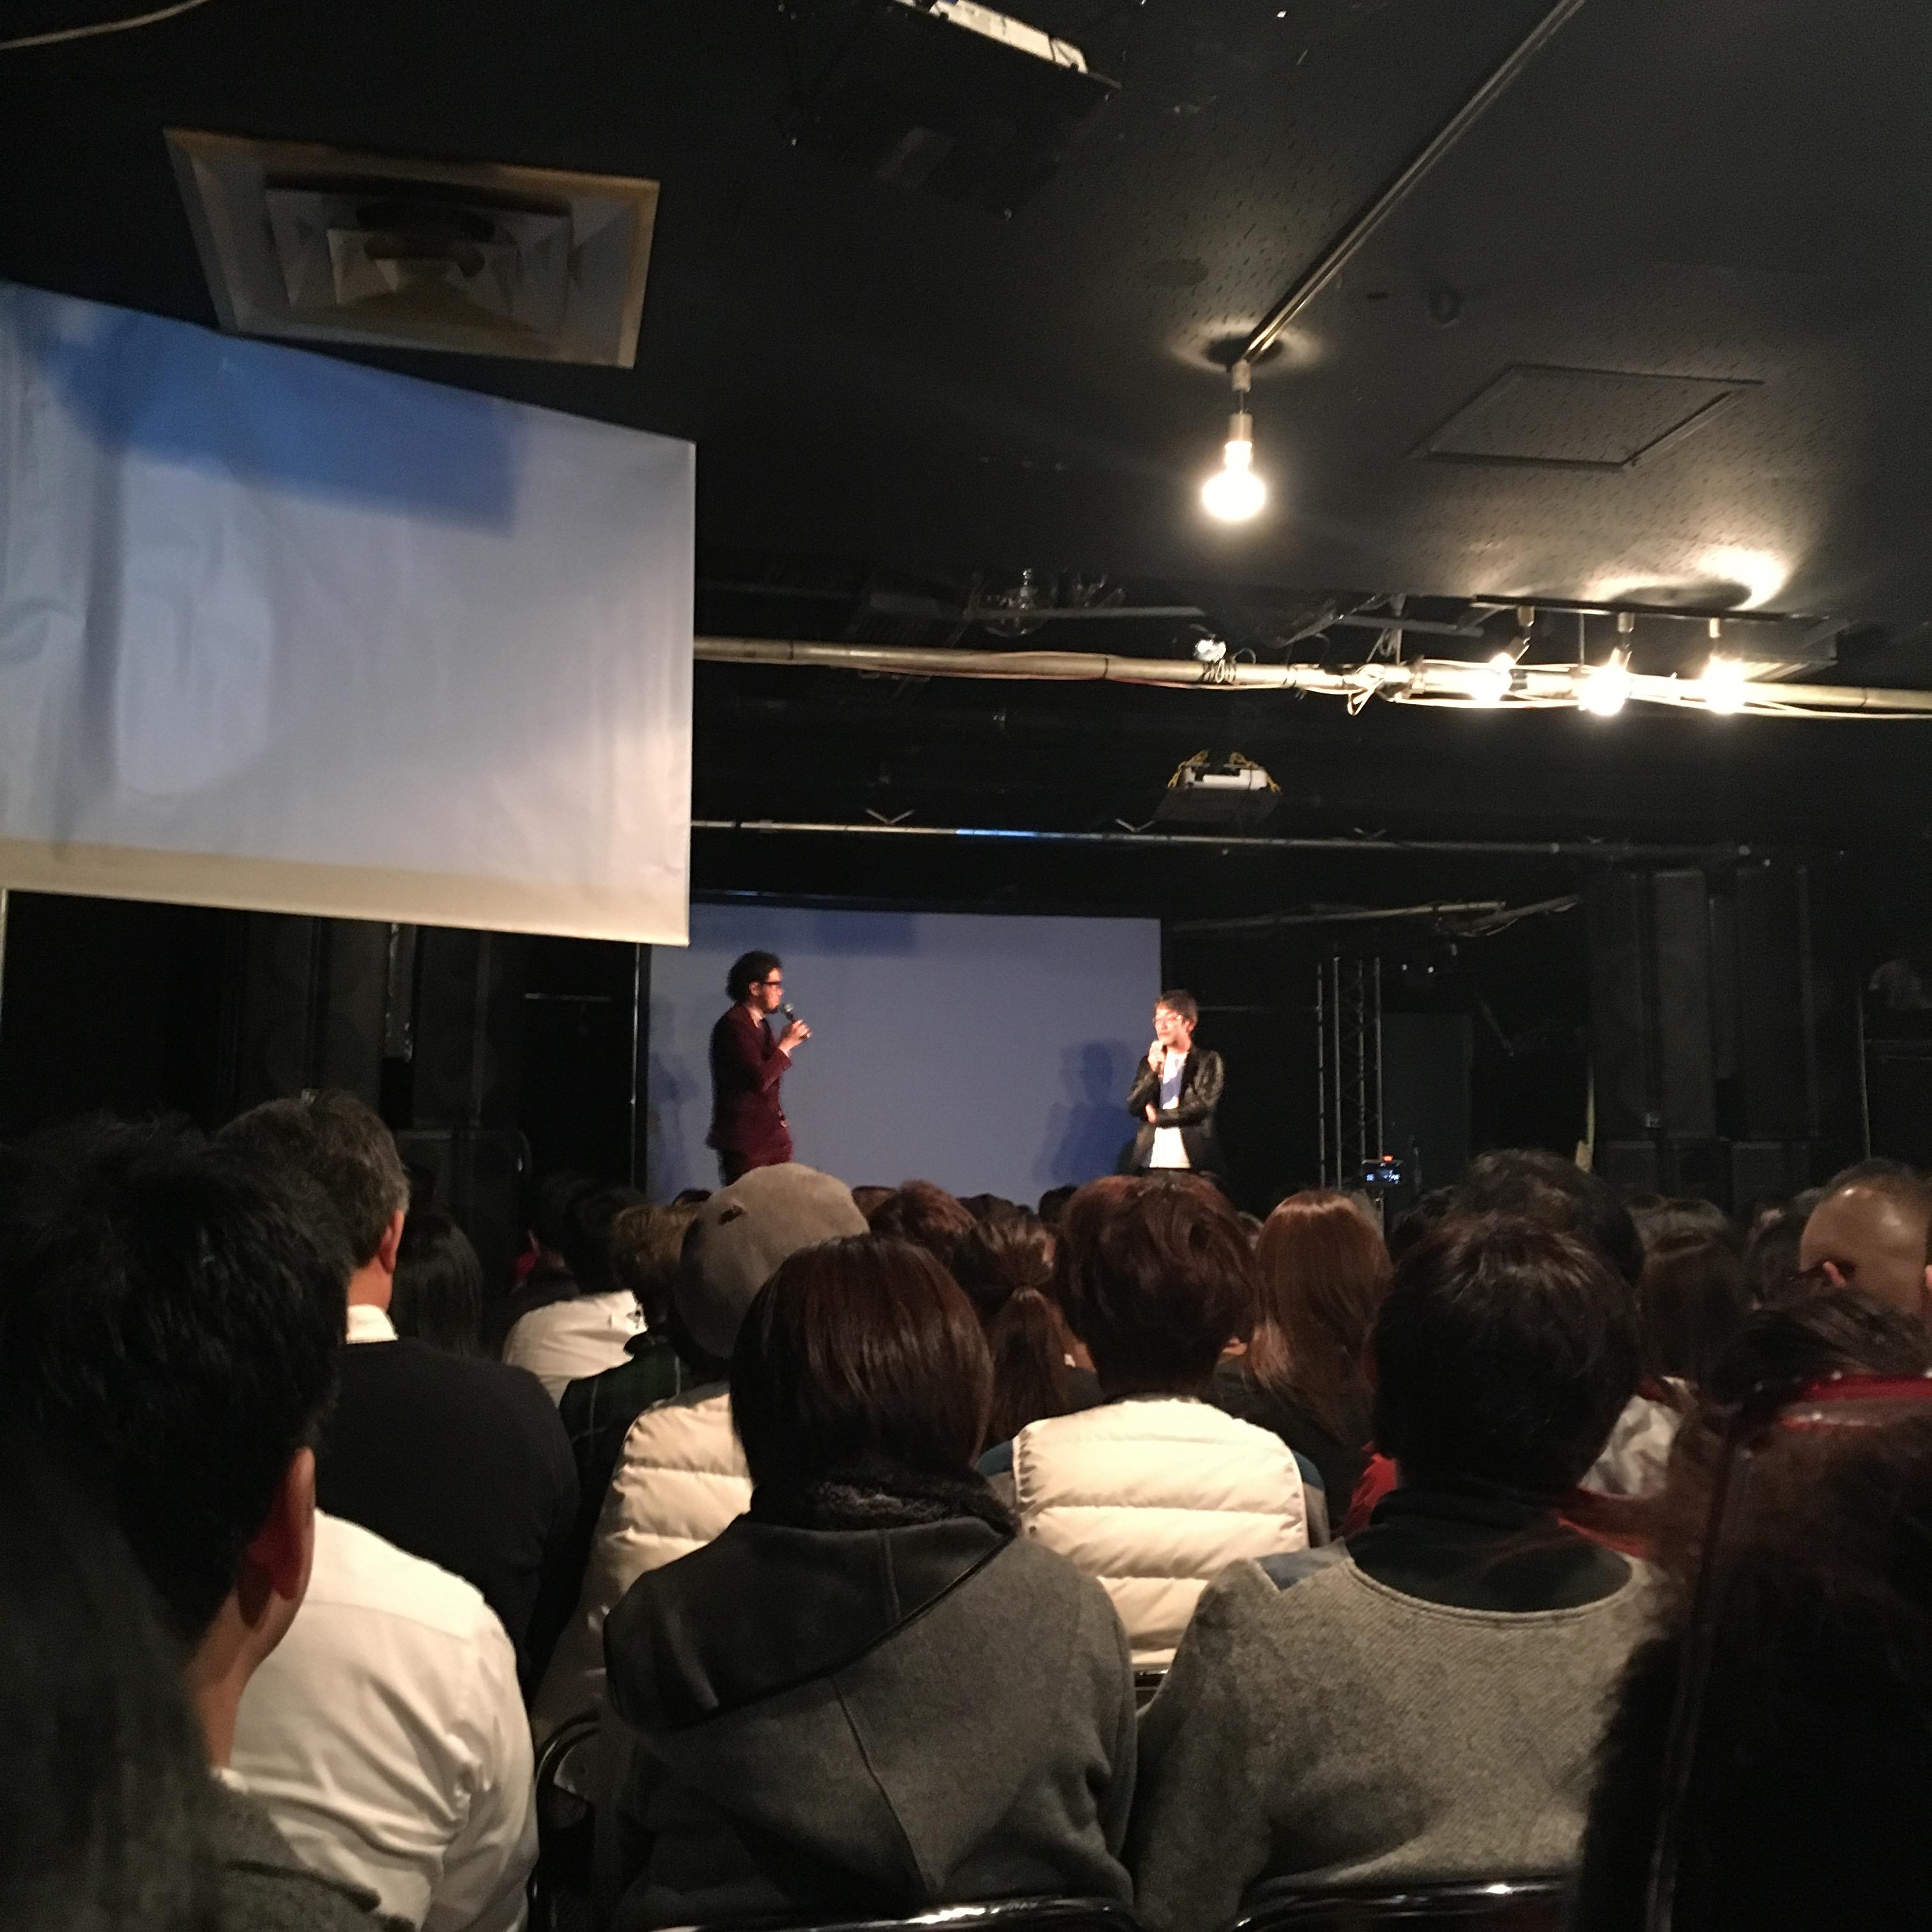 藤村先生と短パン社長のトーク。笑いが絶えない。その中にも短パン社長の藤村先生へのリスペクトがしっかり伝わって、何か心地よい空間でした。